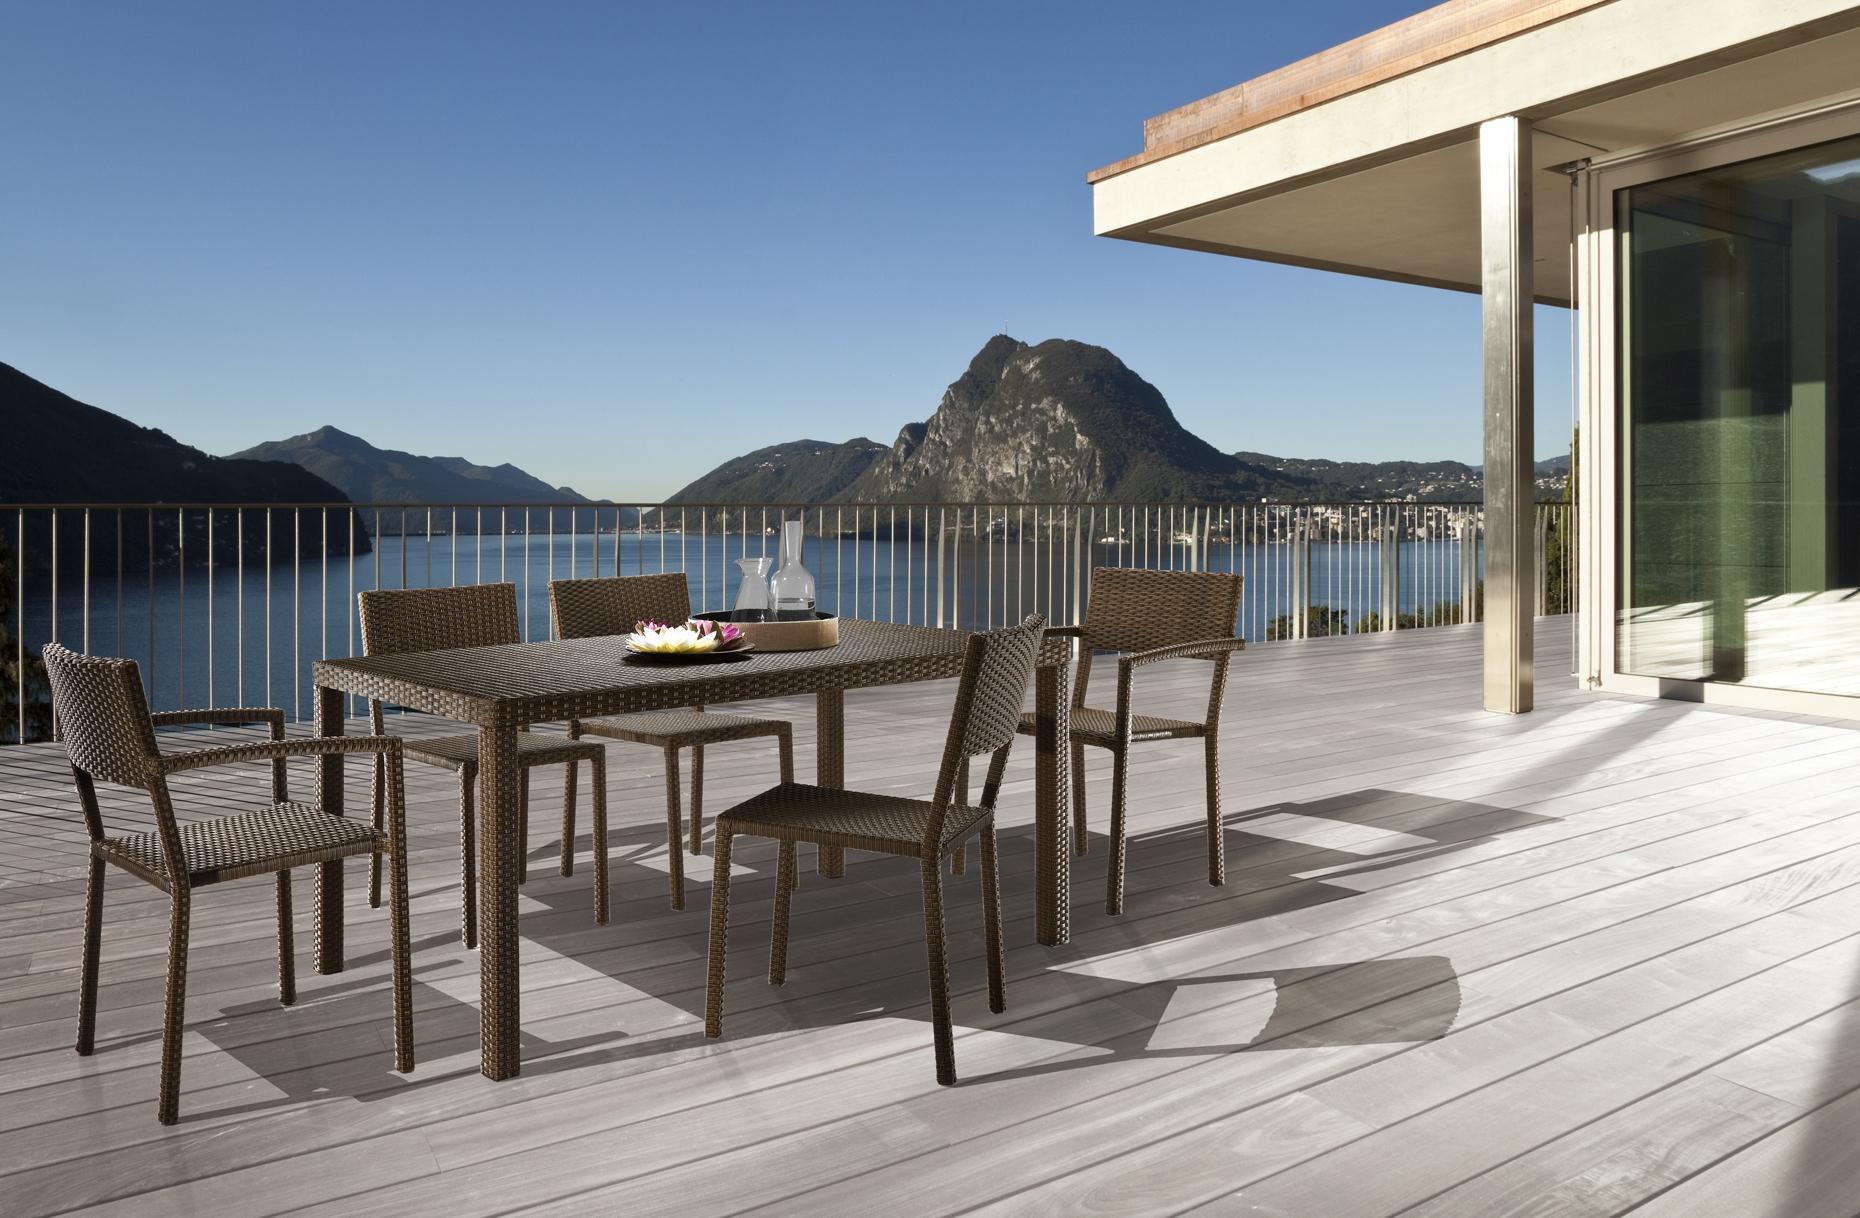 Outlet mobili da giardino torino decora la tua vita for Arredo giardino rattan outlet